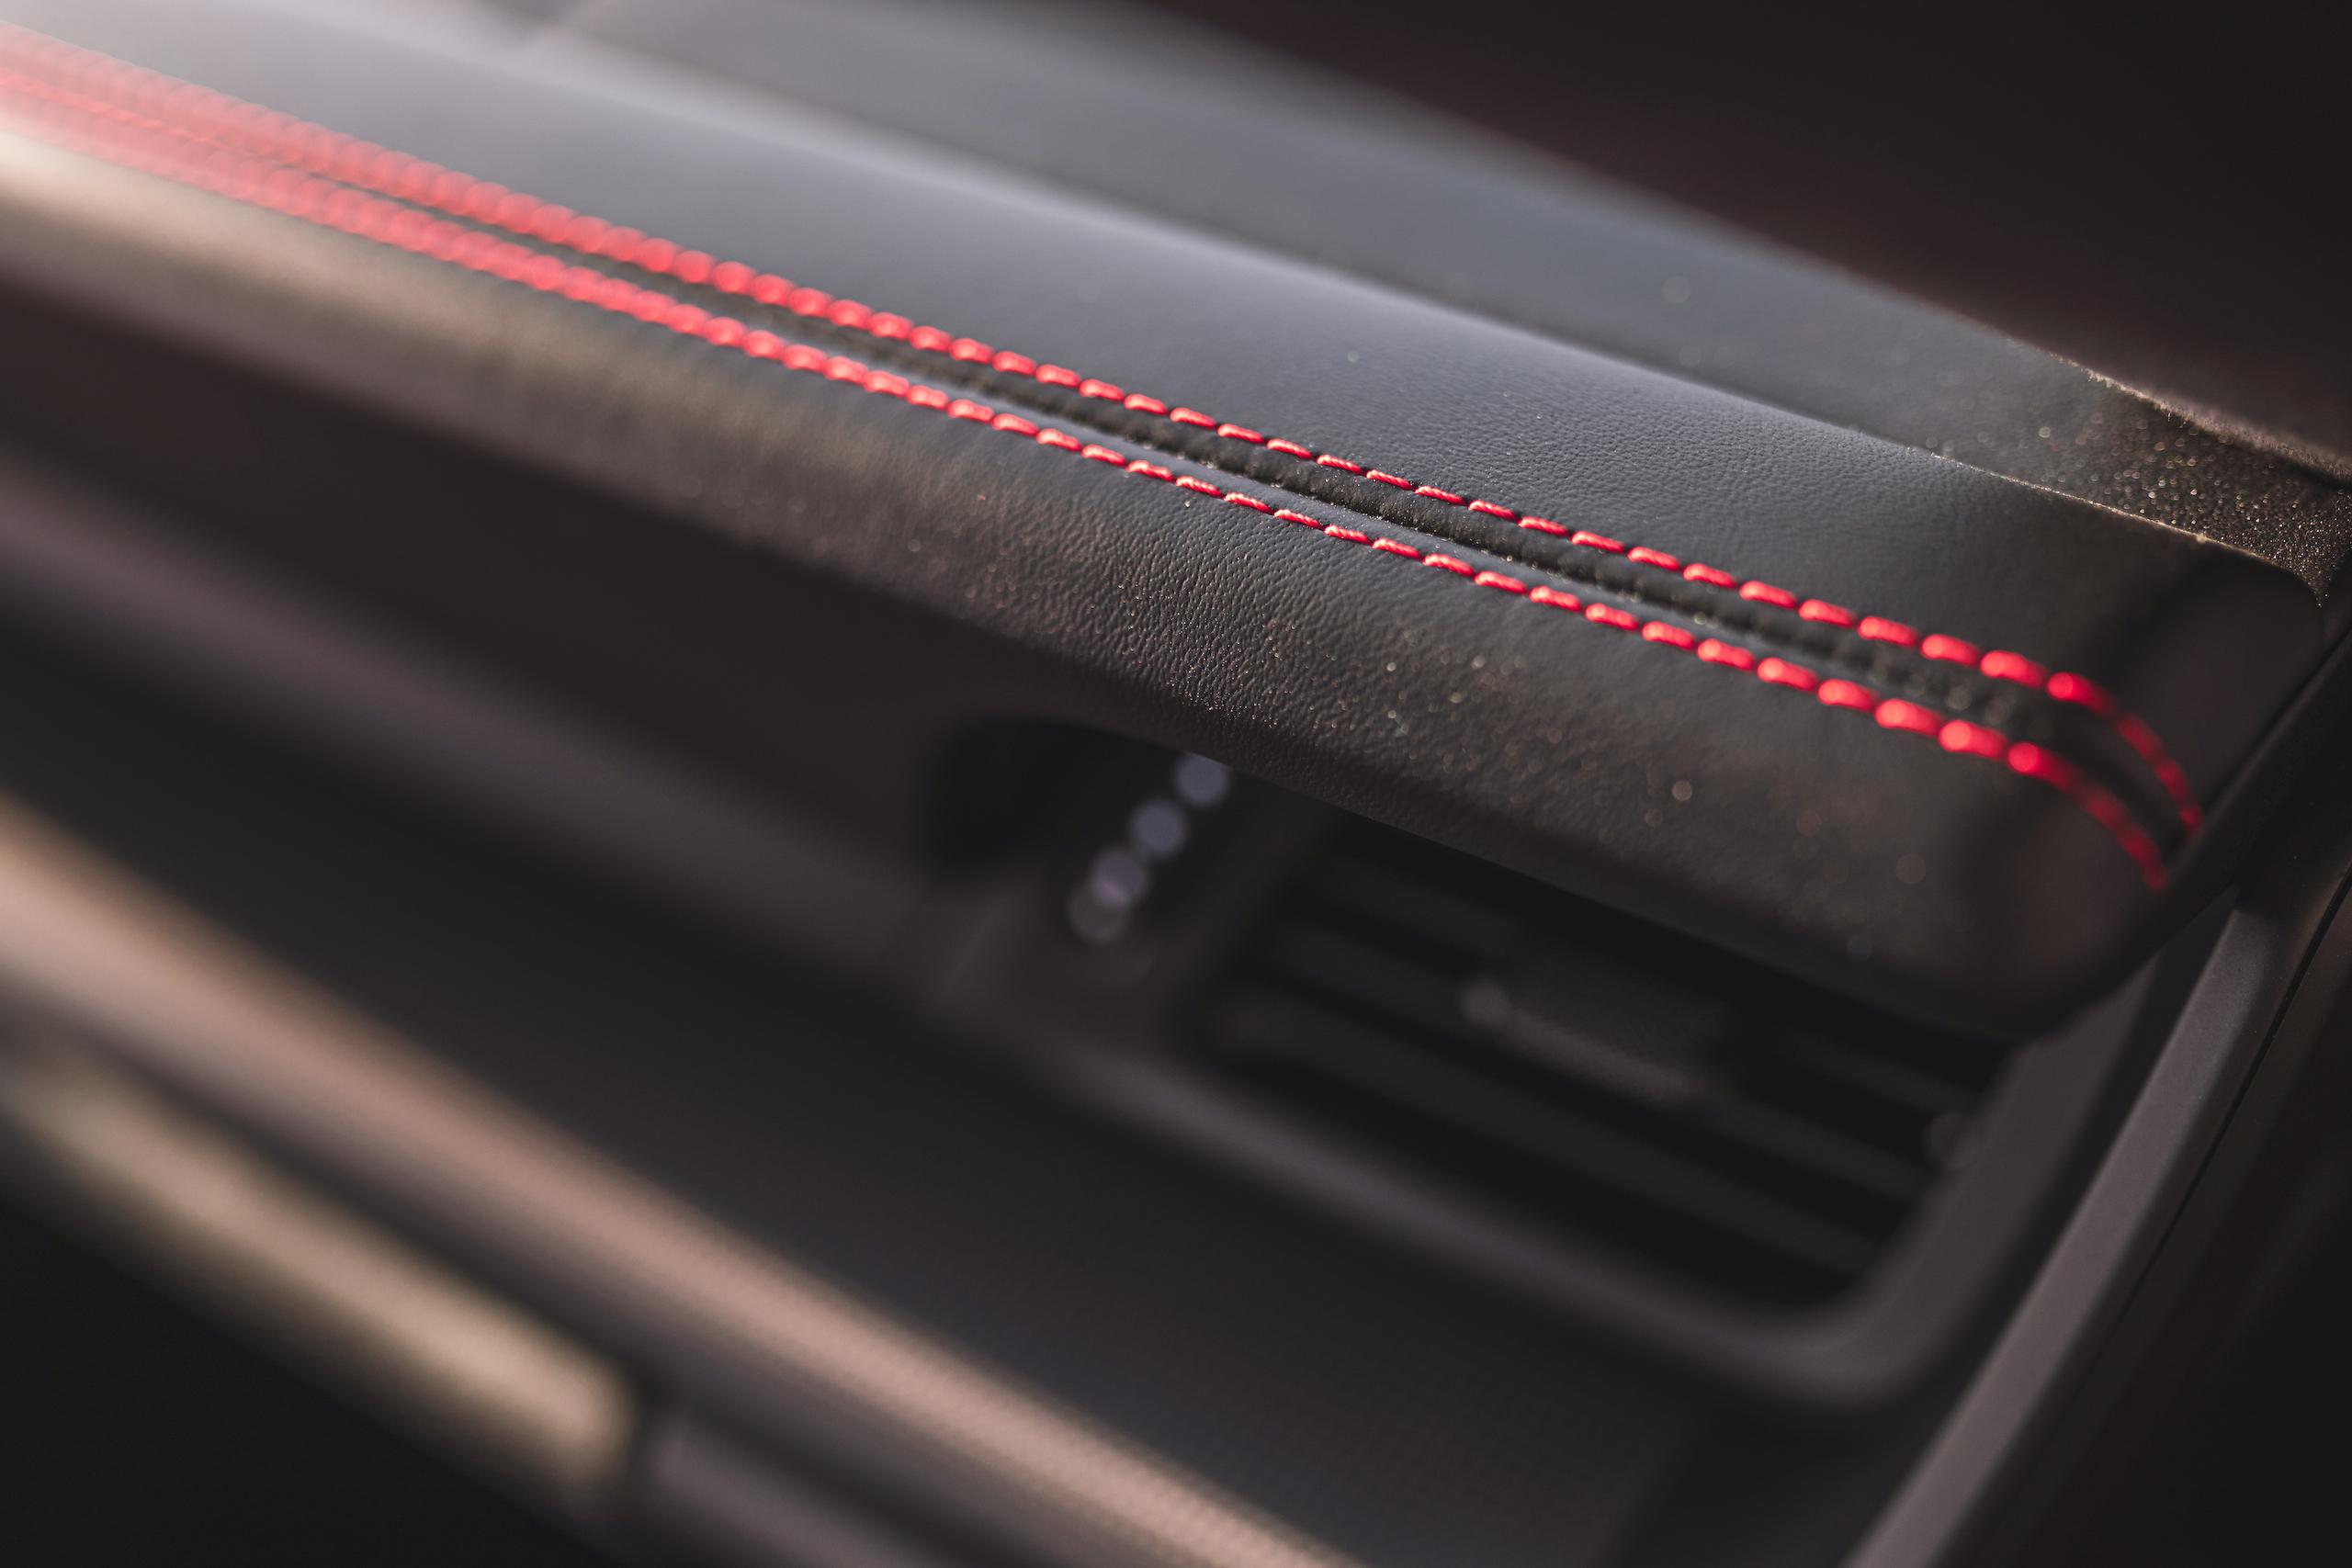 Porsche 911 GTS interior stitching detail